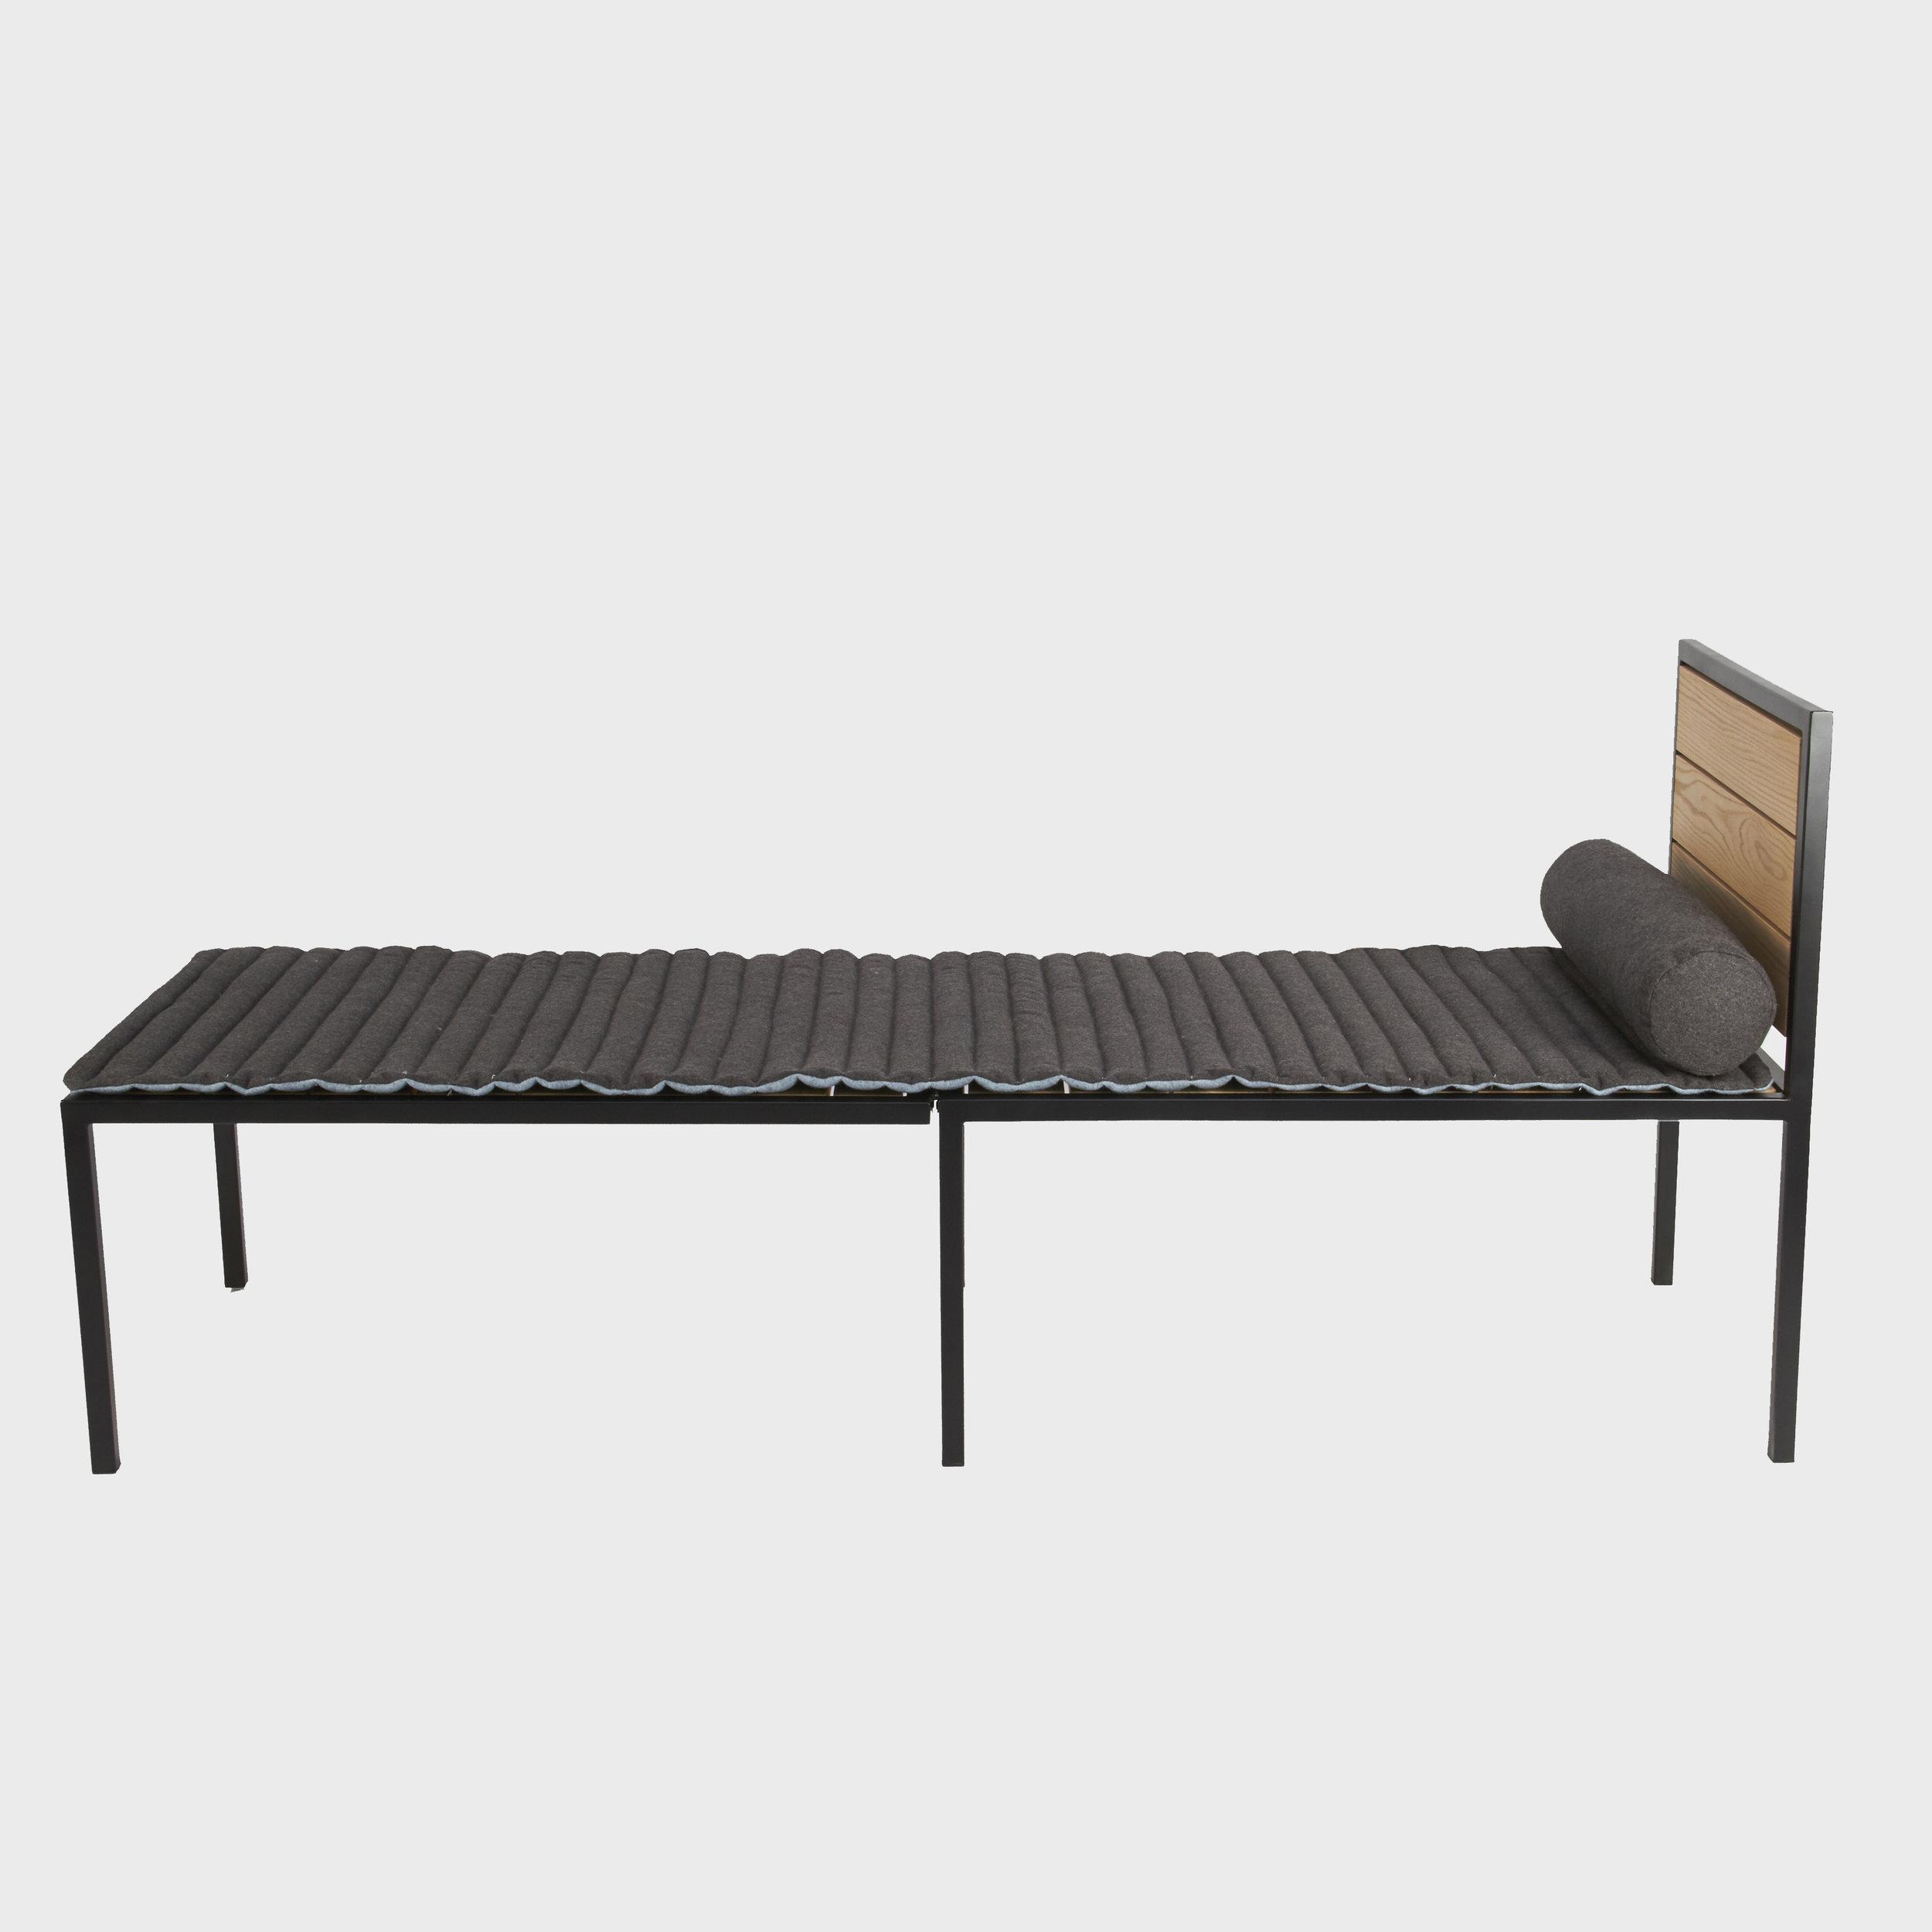 Lit Exterieur Design fauteuil barrack — coop etabli